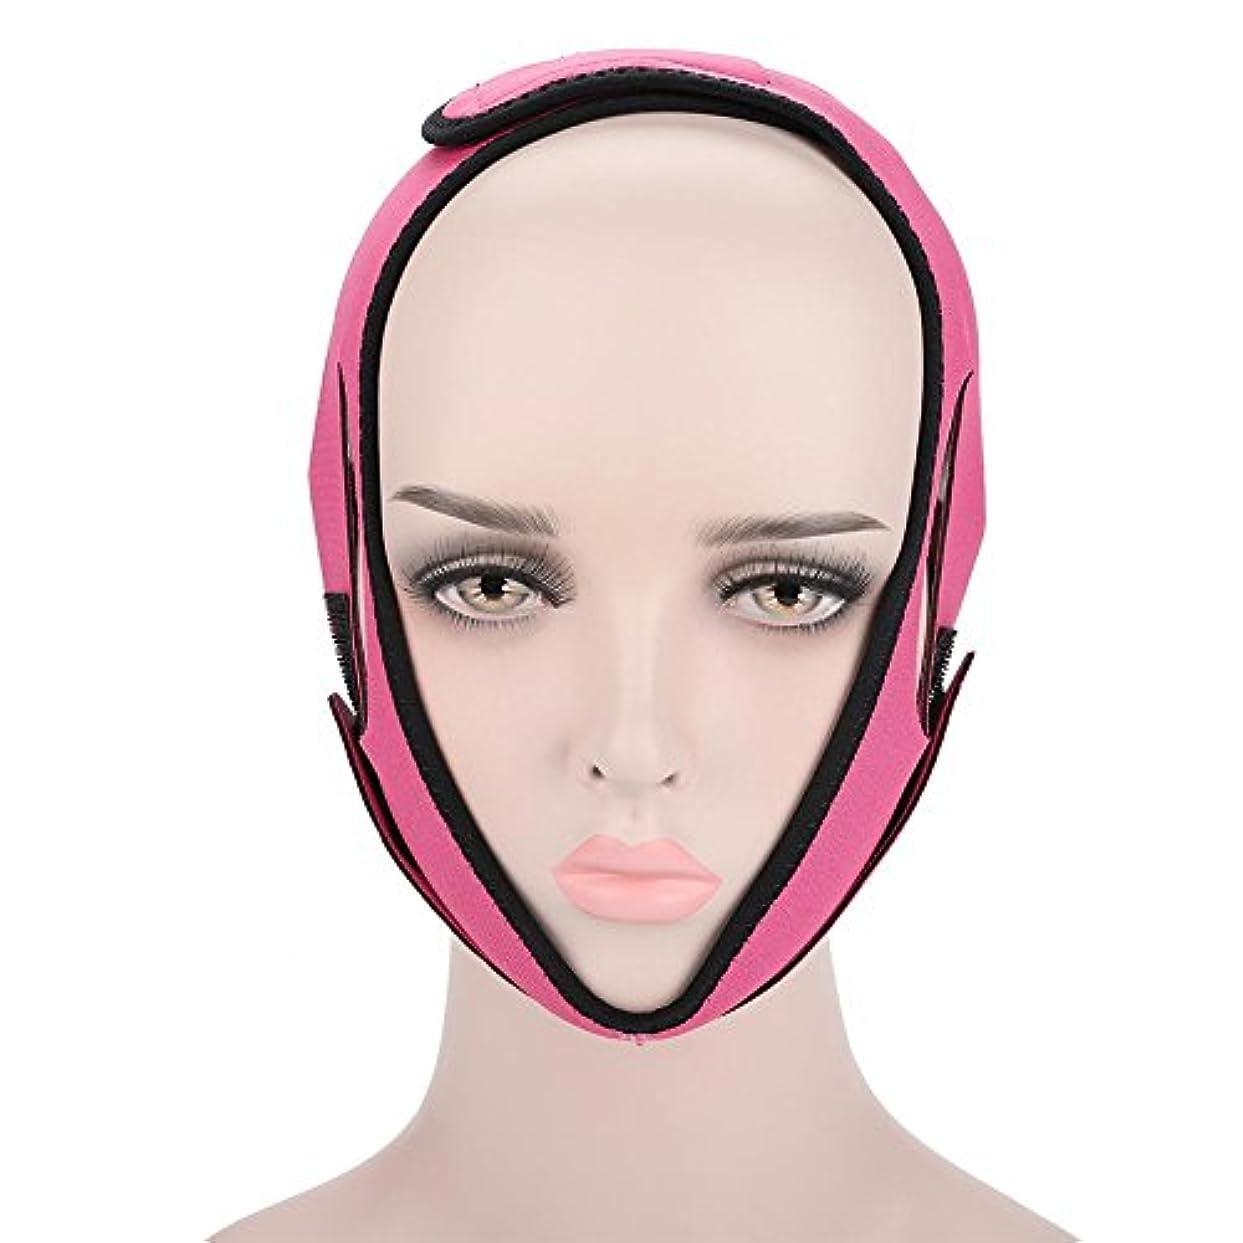 とげのあるスキム始めるフェイススリミング包帯 顔の包帯フェイシャルスリミングマスクフェイシャルケアのためのフェイシャルベルト薄い首のフェイスリフトダブルチン女性のための(3#)